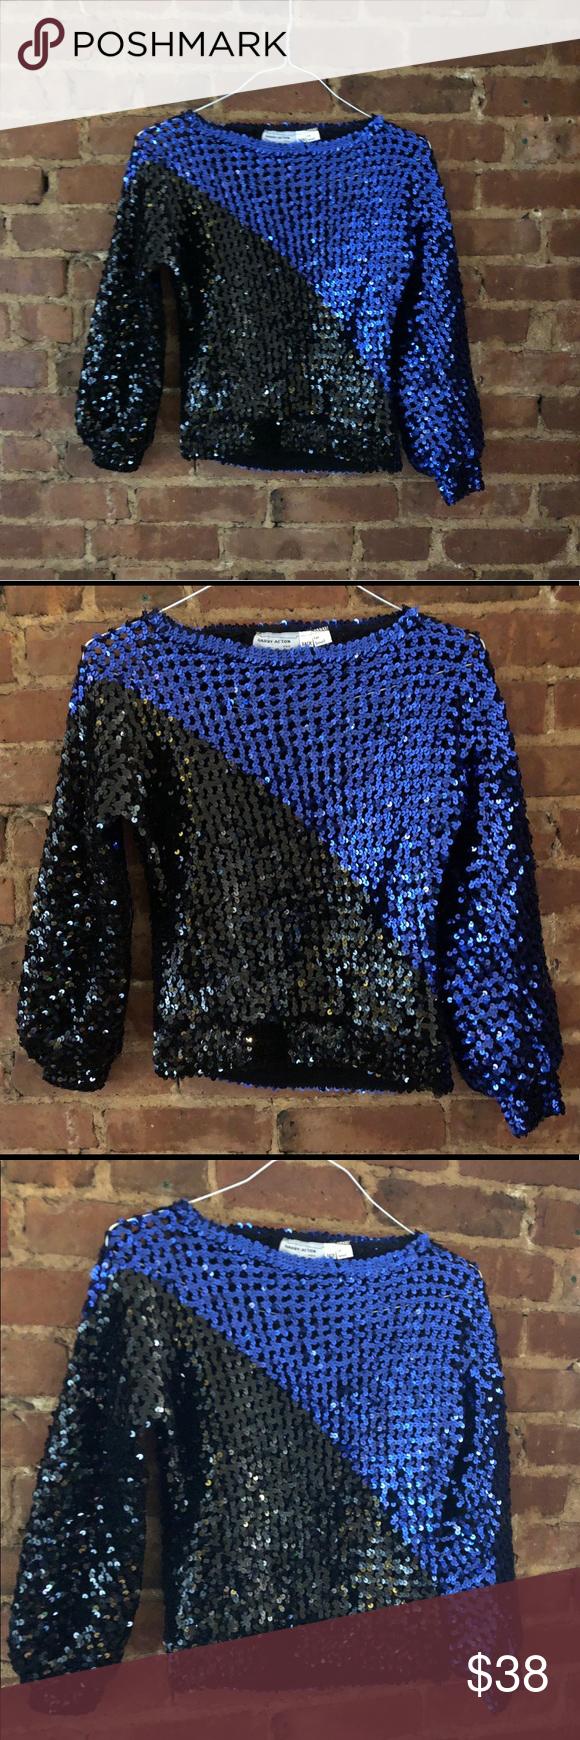 3a046e4d Vintage 80s Black & Blue Knit Sequin Party Top Vintage 80s Black & Blue All  Over